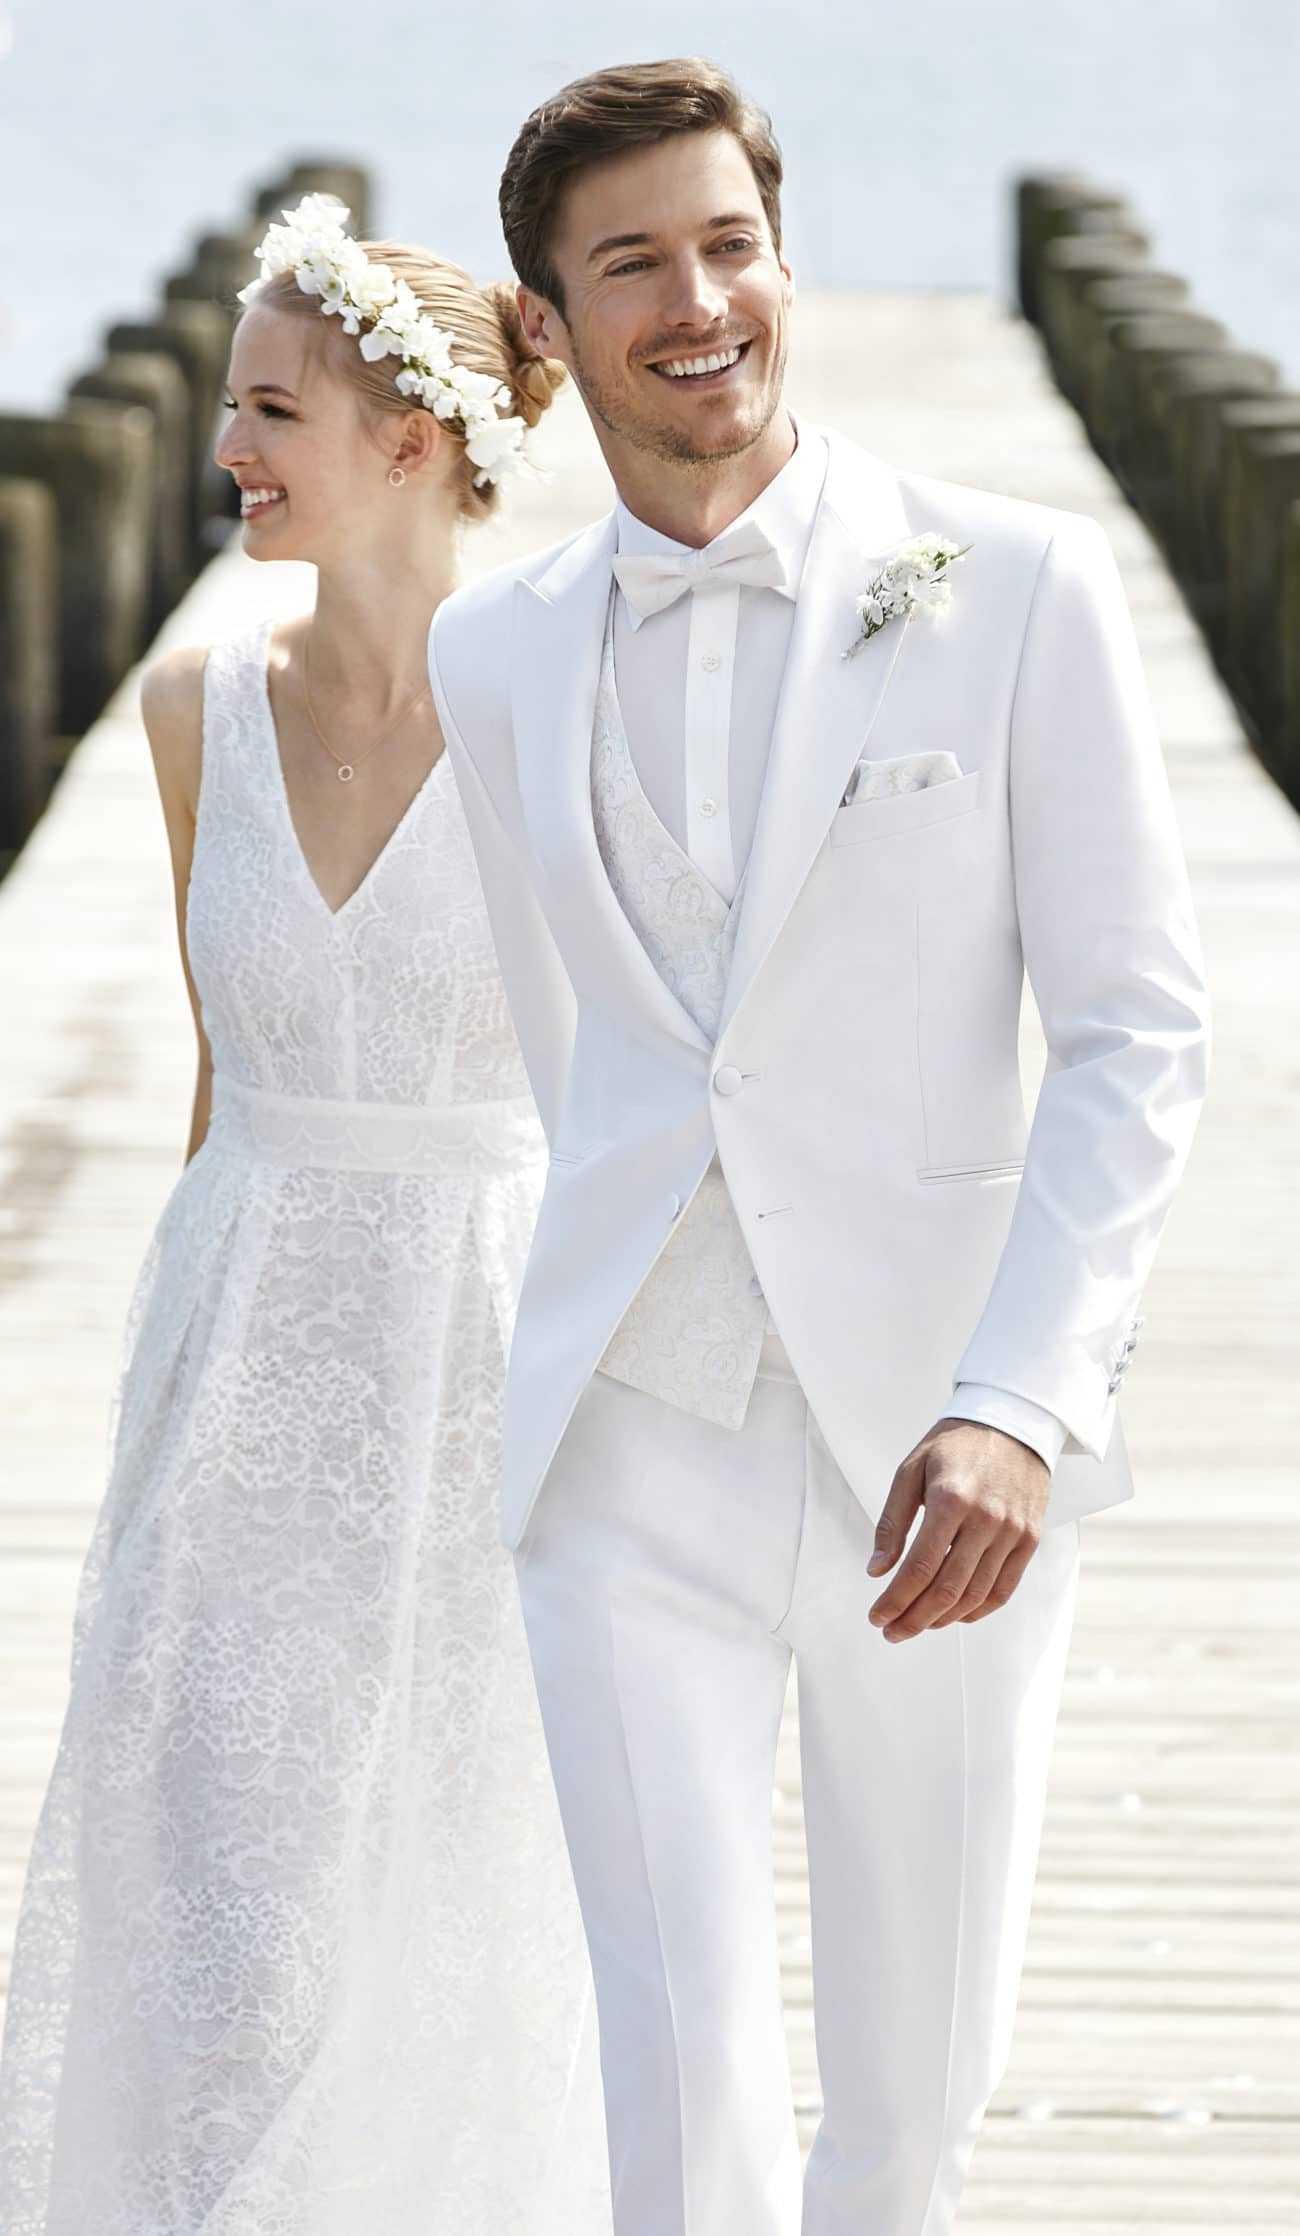 Ein Heller Hochzeitsanzug Perfekt Fur Die Sommerhochzeit